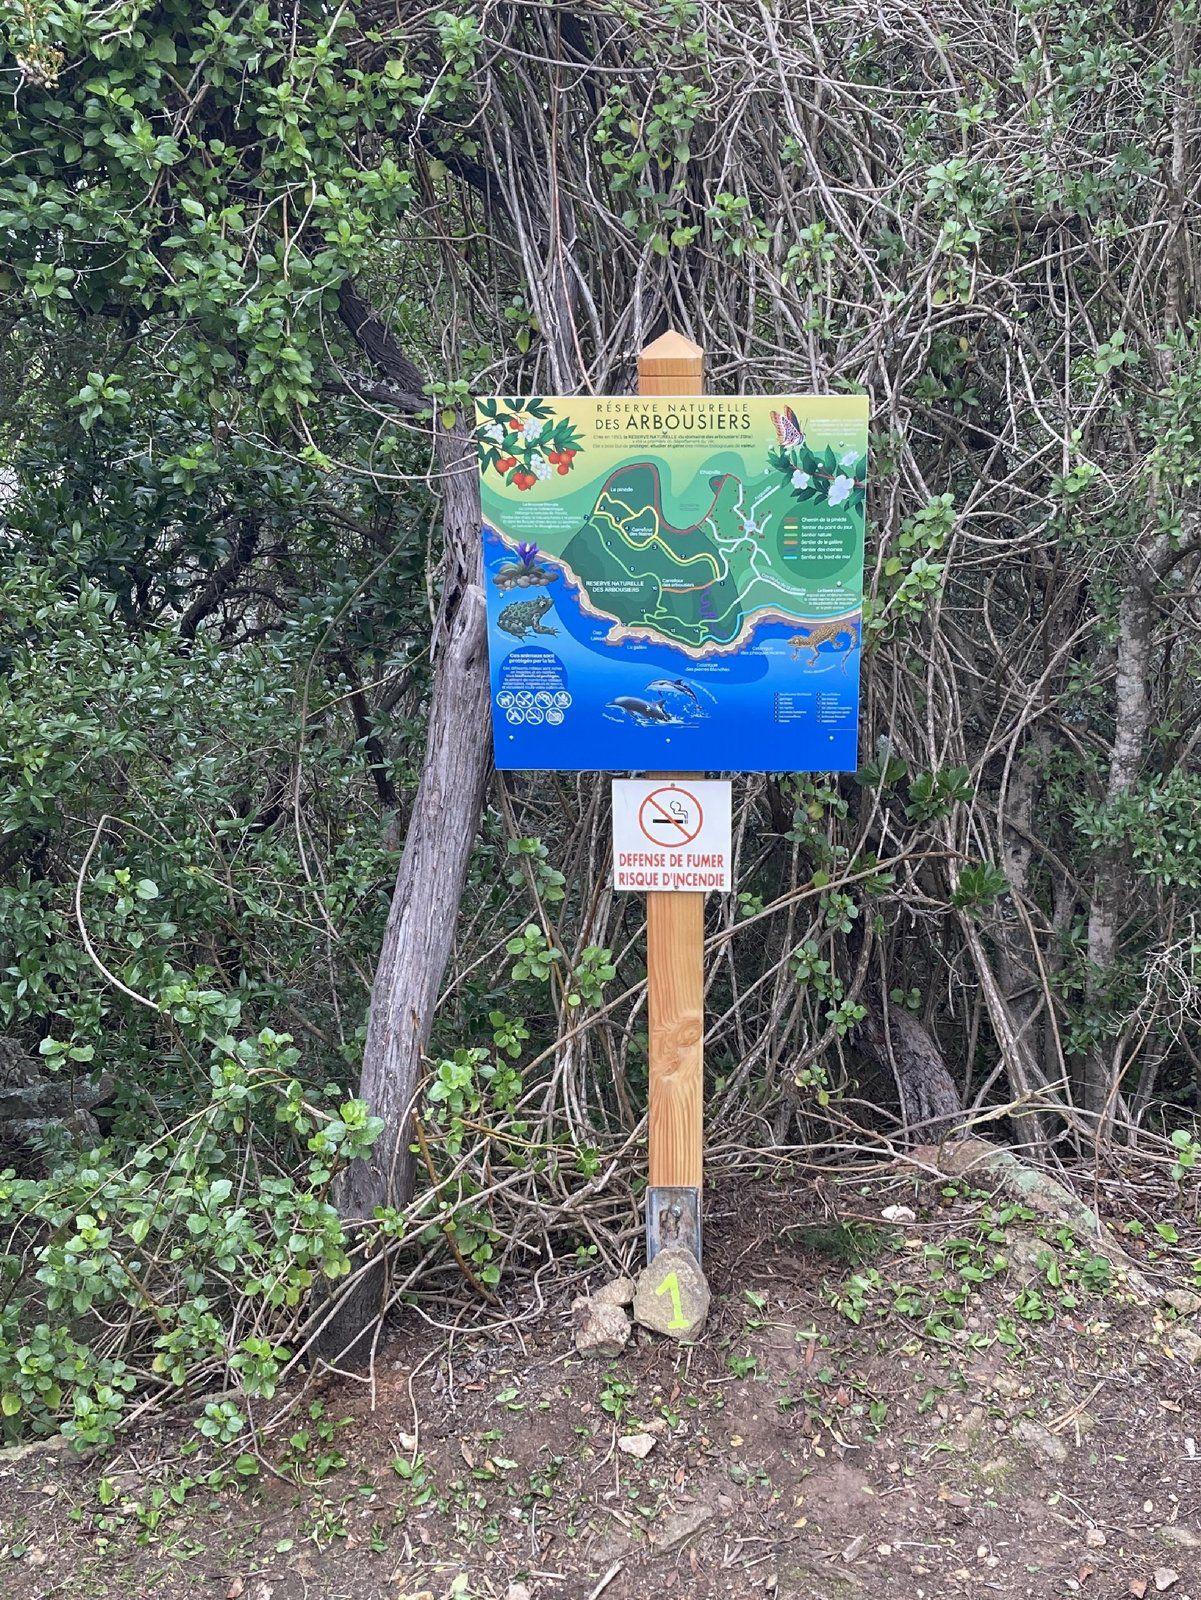 Nouveau visuel à l'entrée de la Réserve Naturelle des Arbousiers